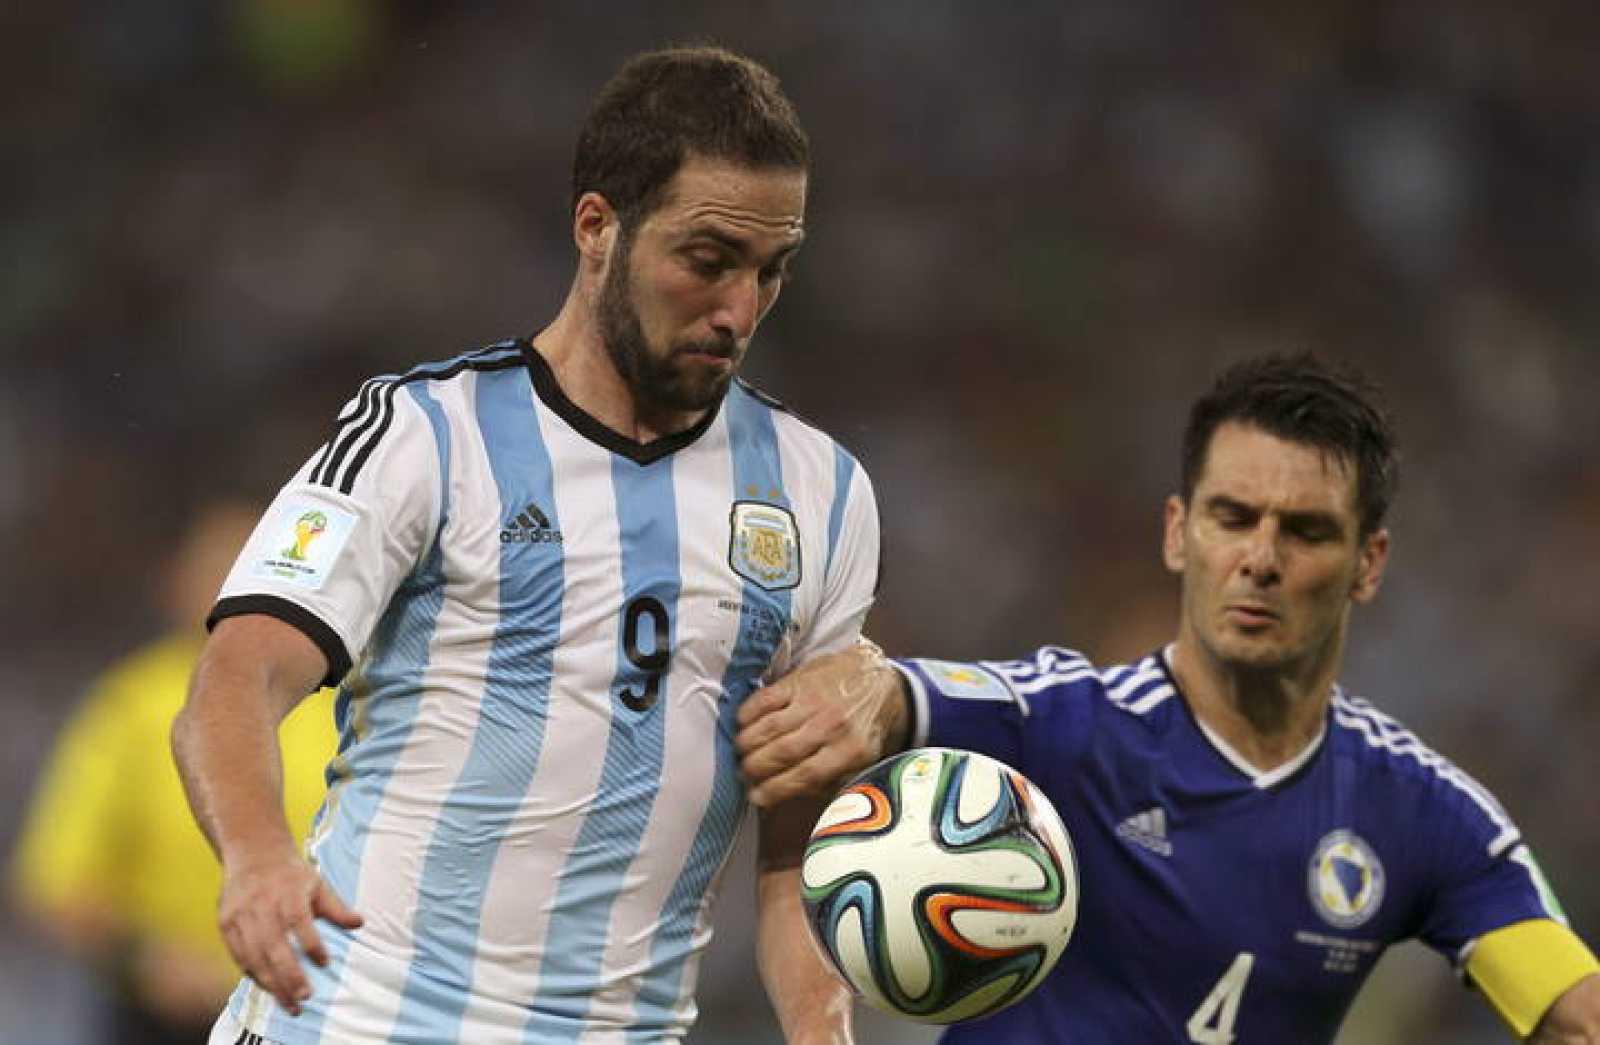 El delantero argentino Gonzalo Higuaín y el defensa bosnio Emir Spahic luchan por el balón durante el partido Argentina-Bosnia.